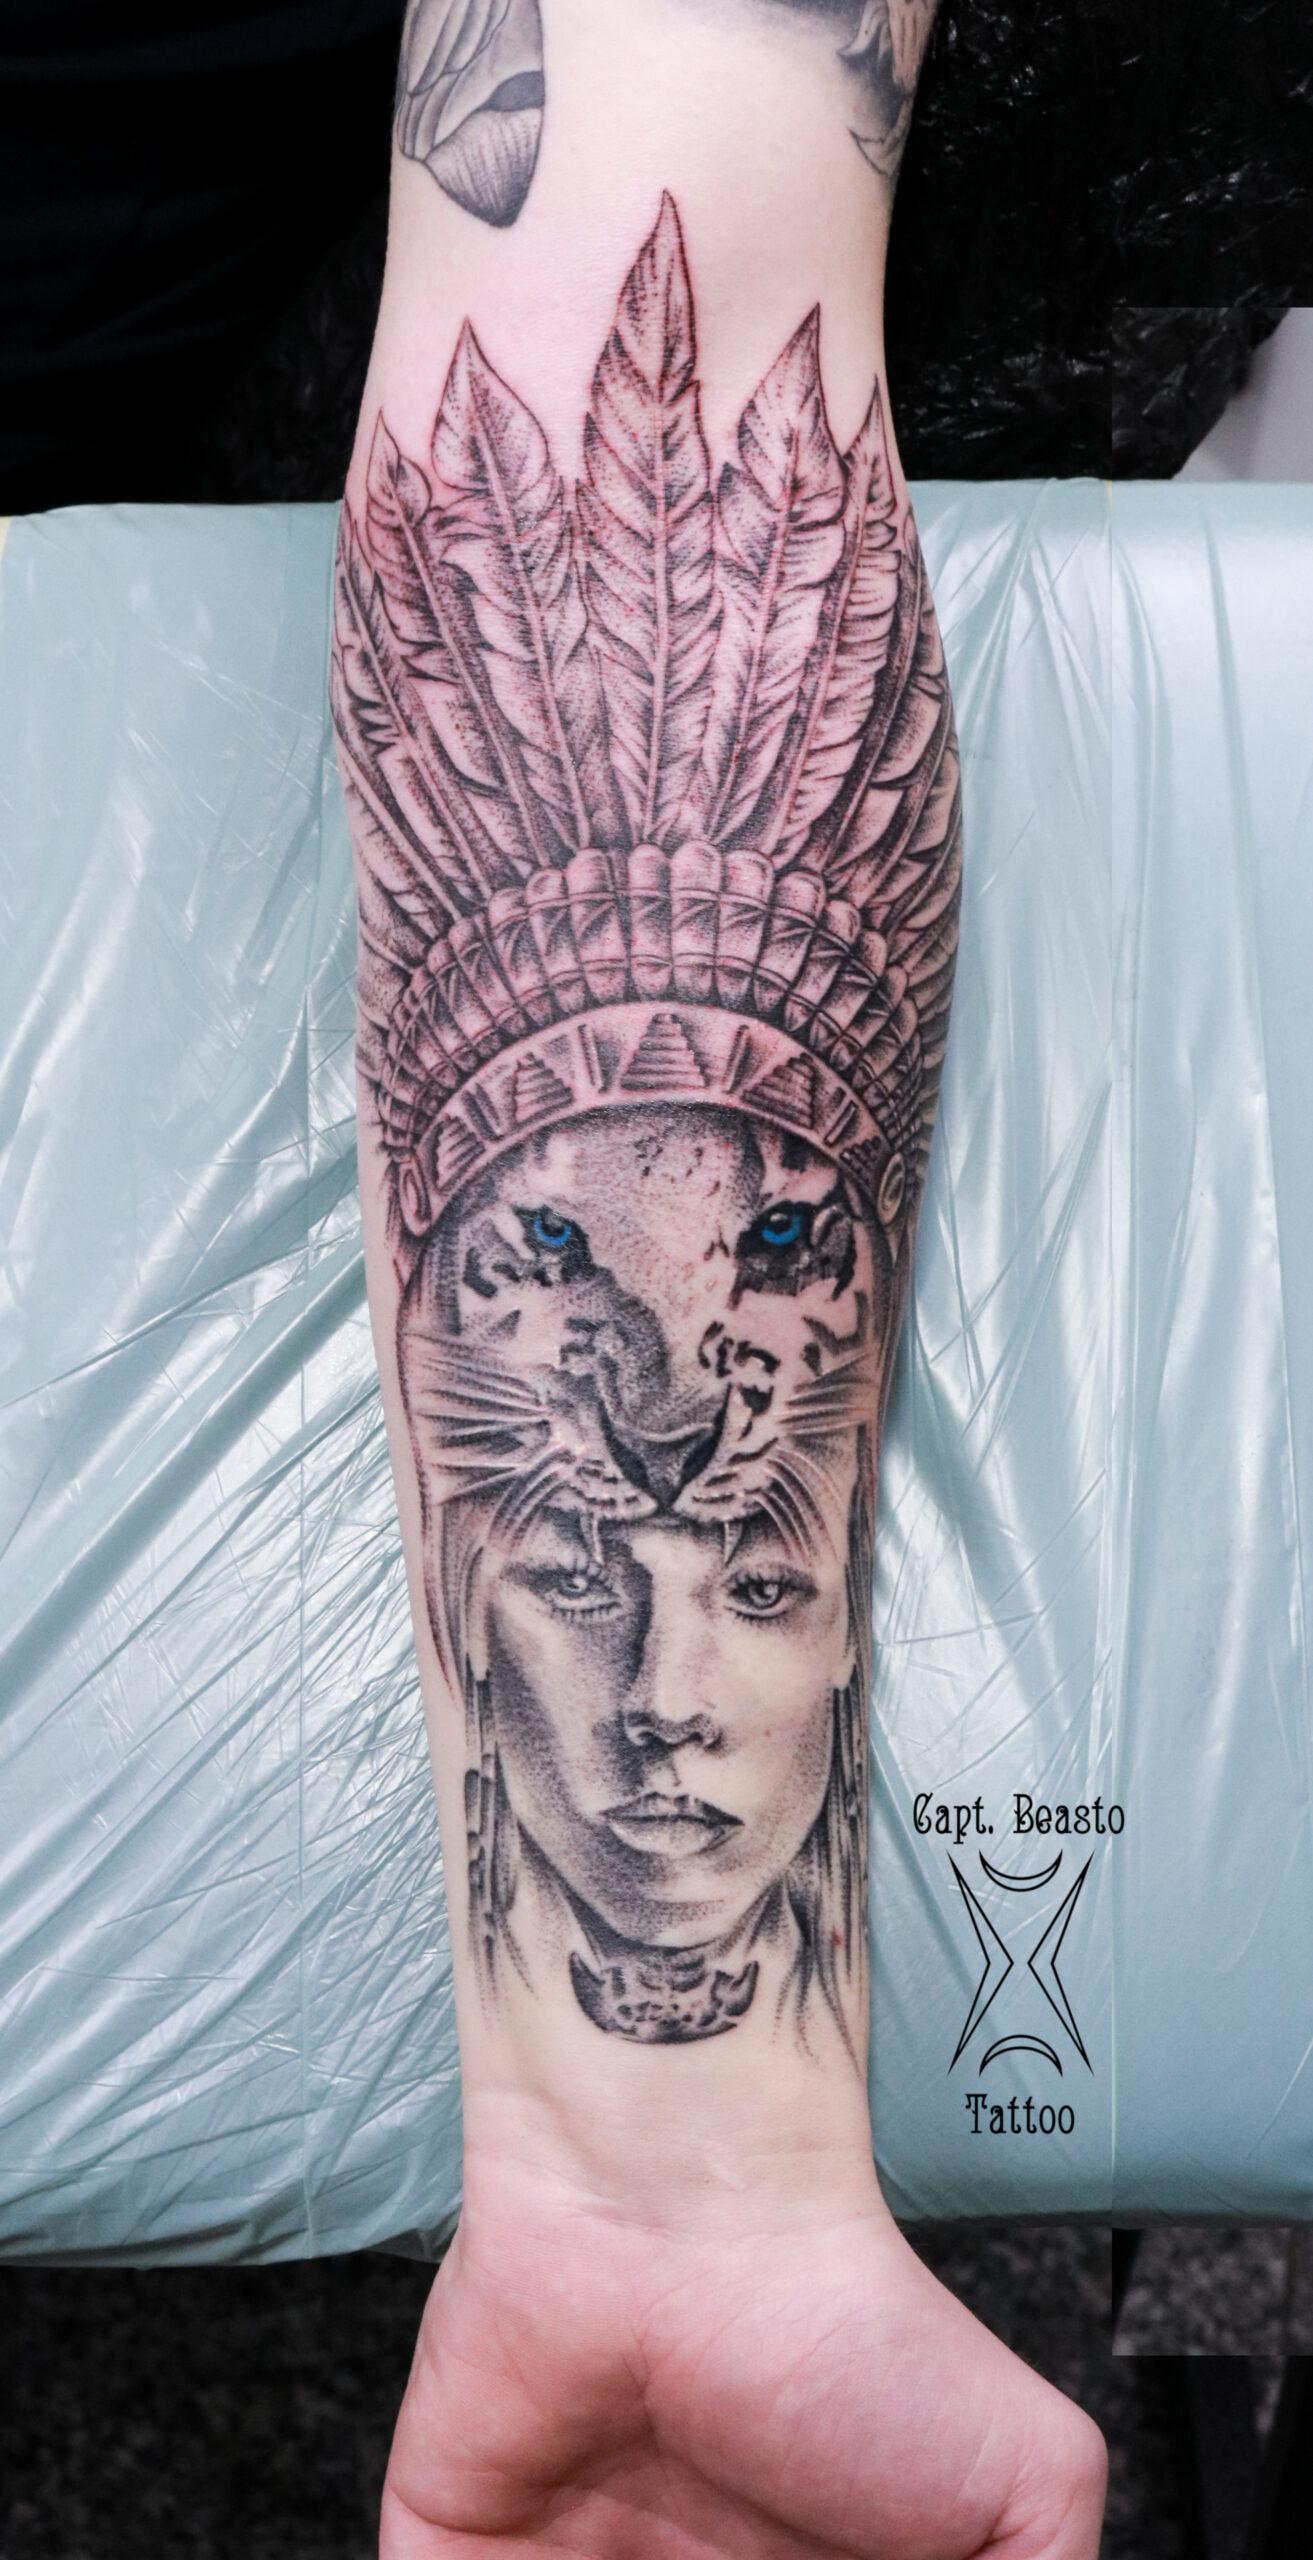 Capt. Beasto Tattoo - Kriegerin3-1